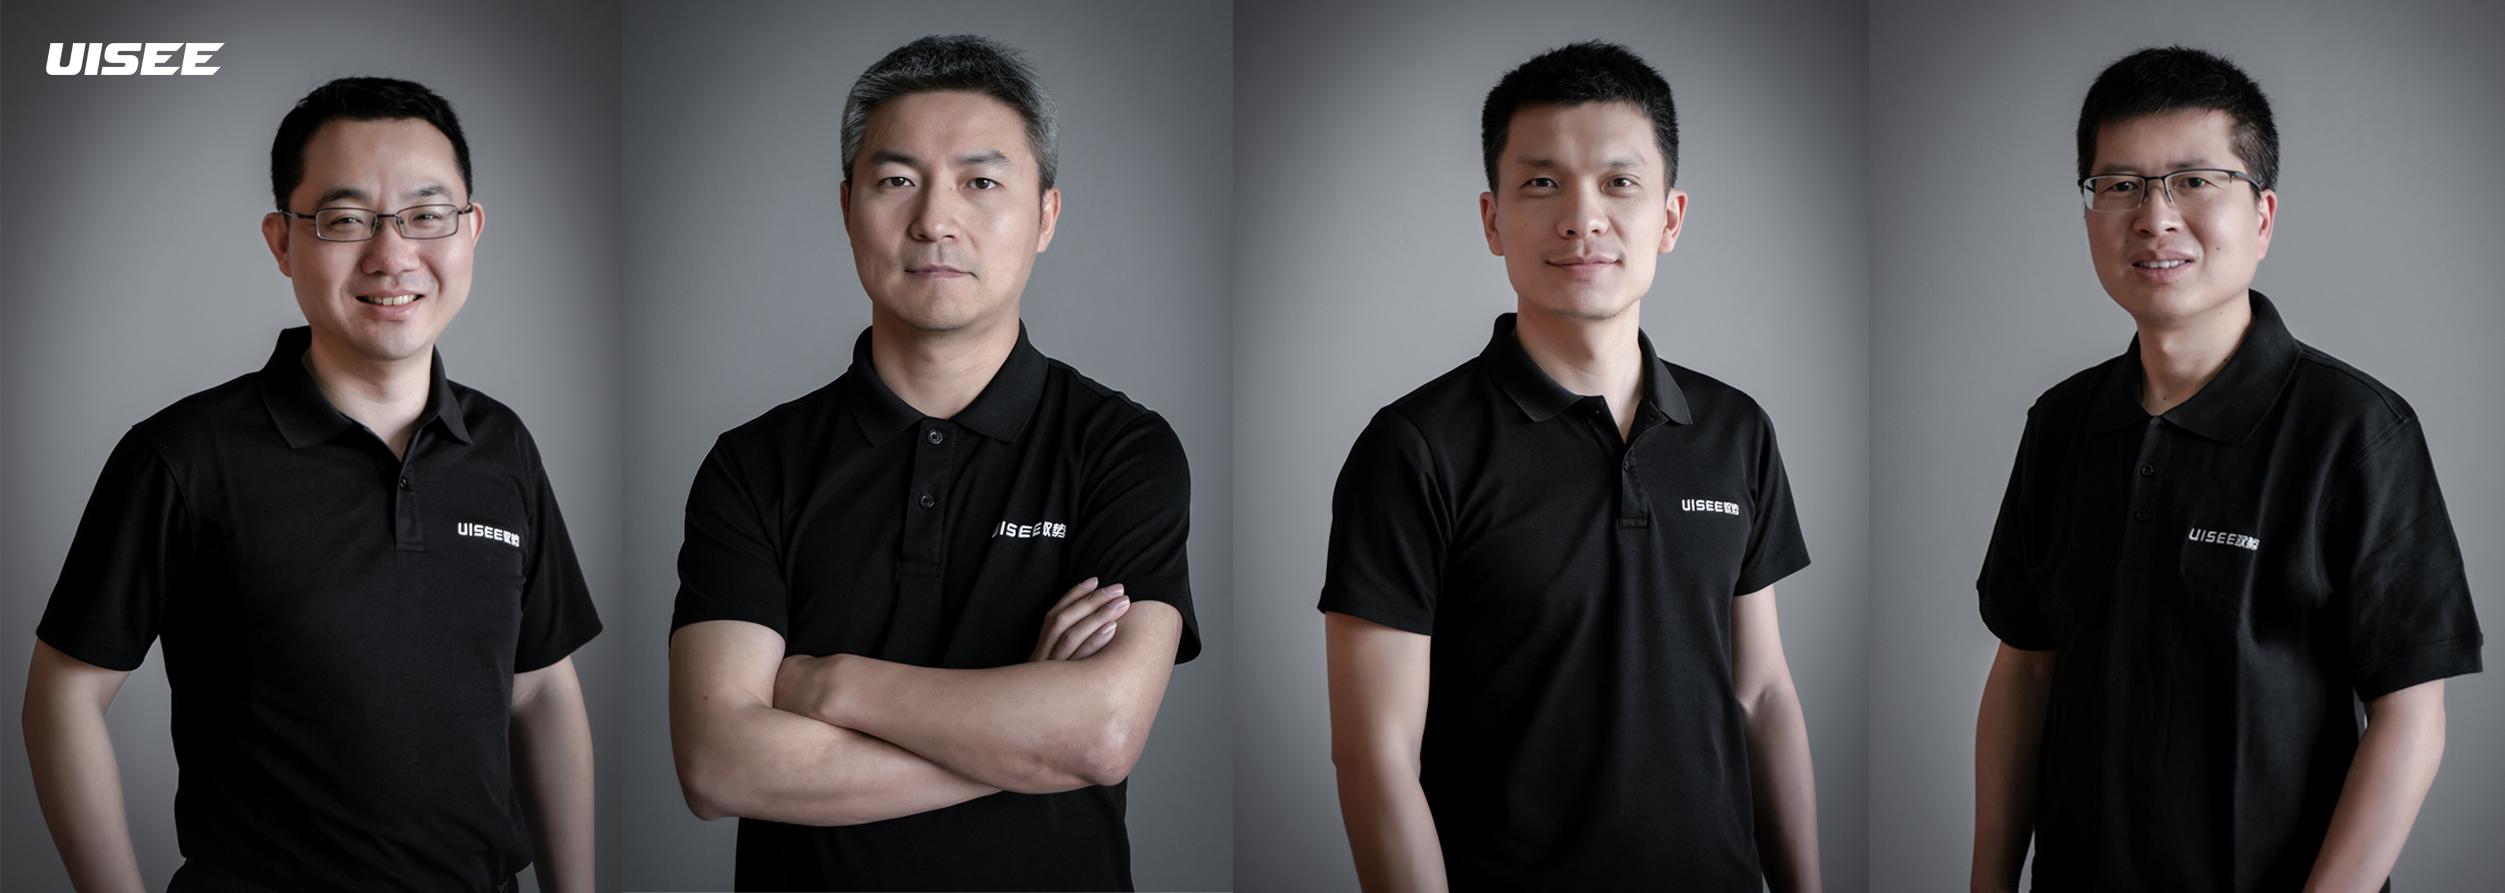 Von links nach rechts 周鑫 (ZHOU Xin) Mitgründer und CPO,  吴甘沙 (WU Gansha) Mitgründer und CEO, 姜岩  (JIANG Yan) Mitgründer und CTO, 彭进展 (PENG Jinzhan) Mitgründer und Chief System Architect